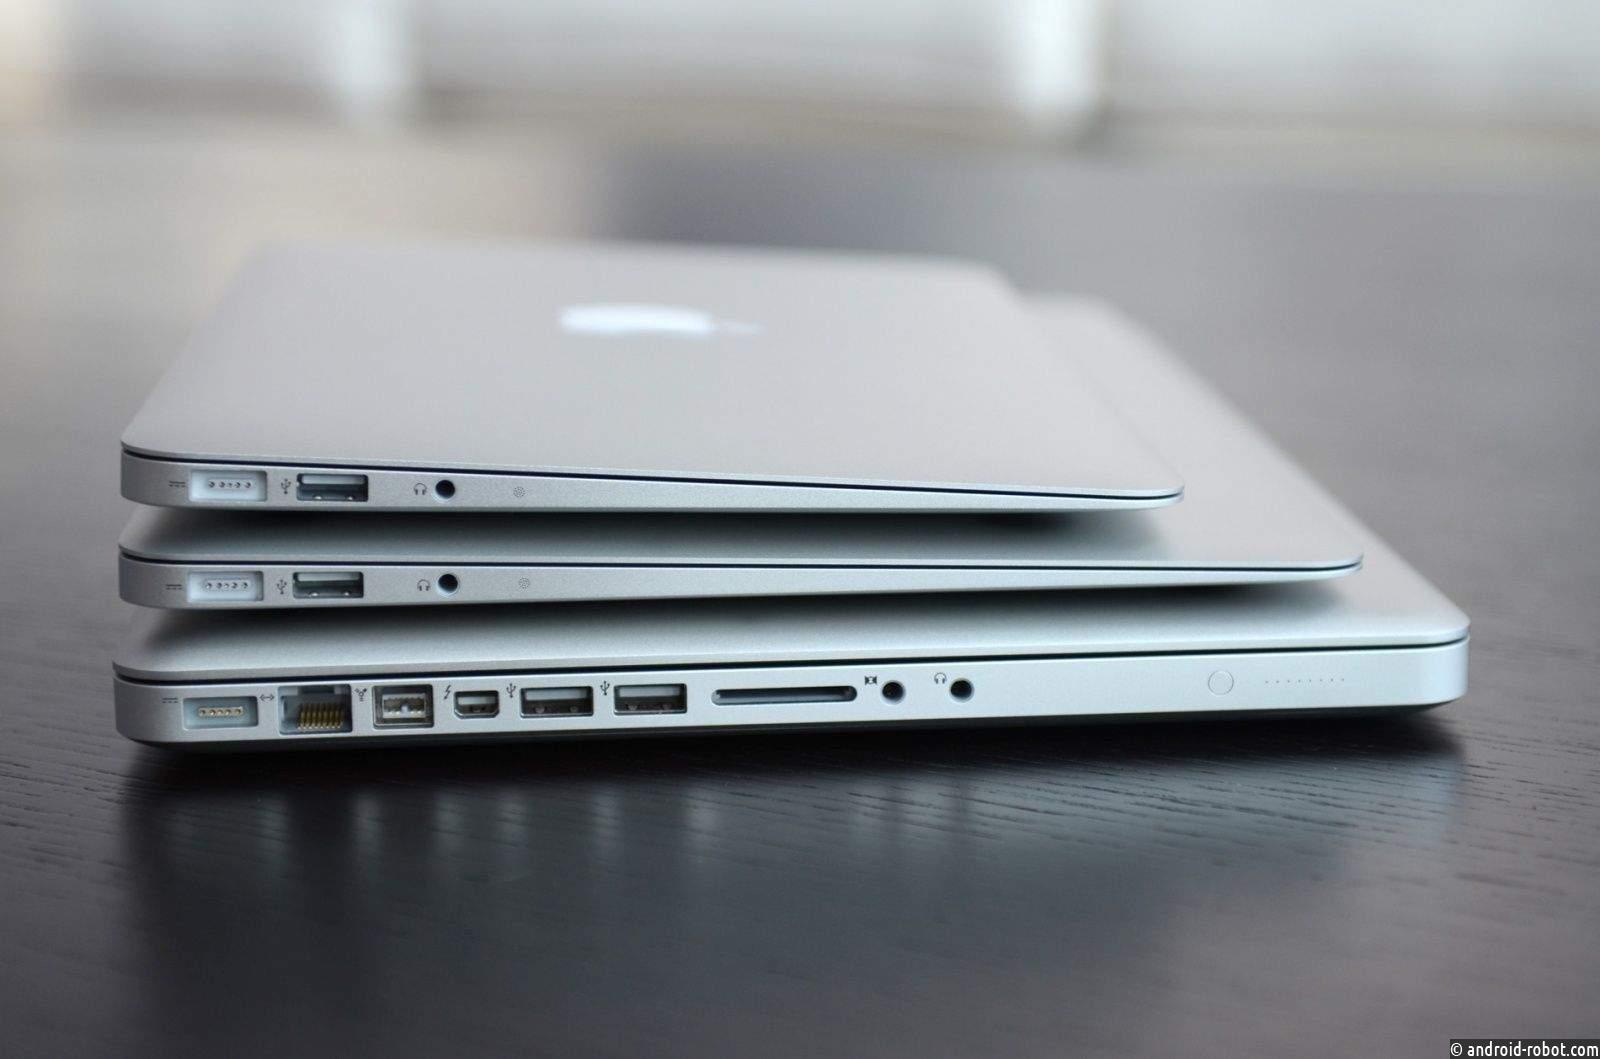 Вноутбуках Macbook найдена довольно рискованная уязвимость